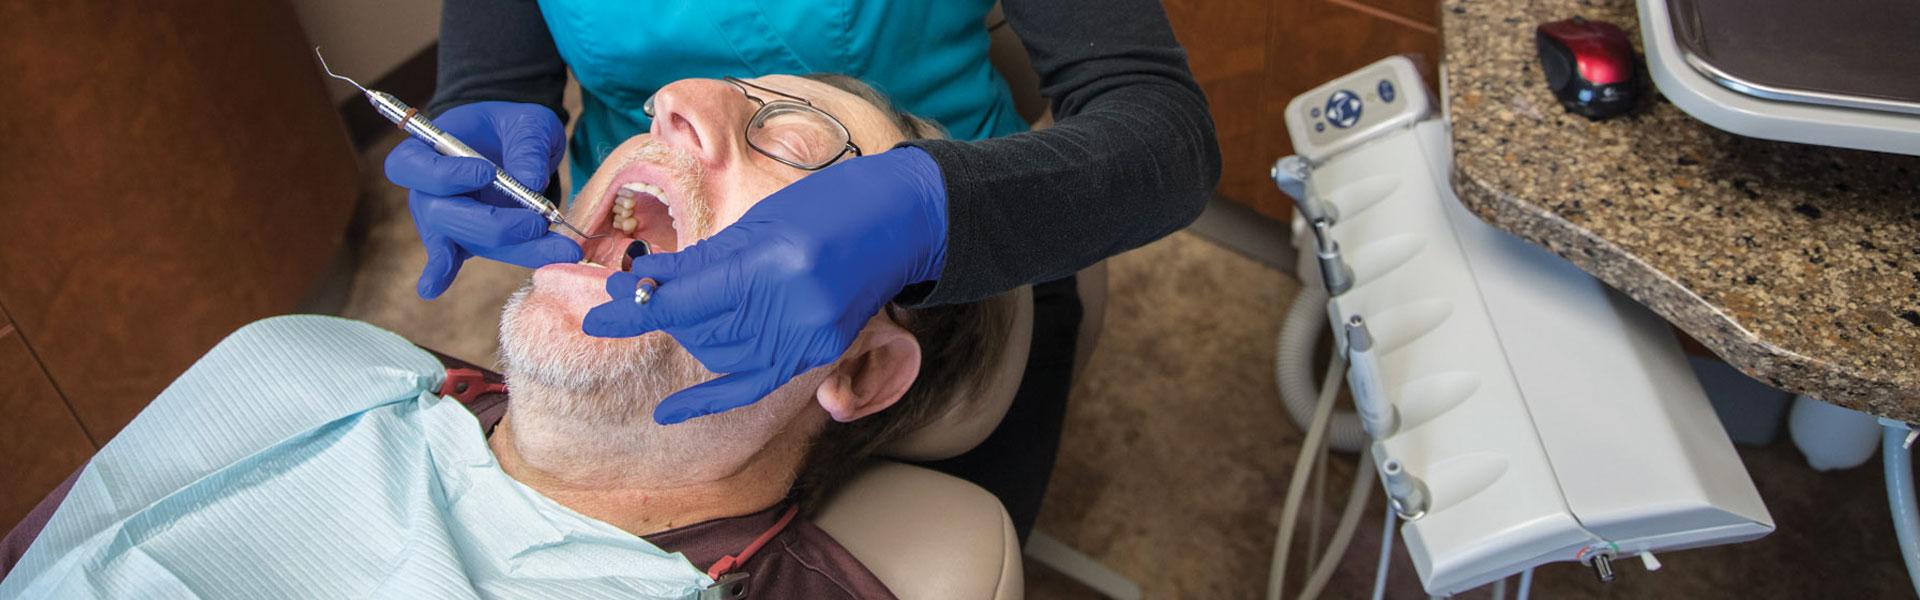 wihlm-dental-oshkosh-wi_slide6